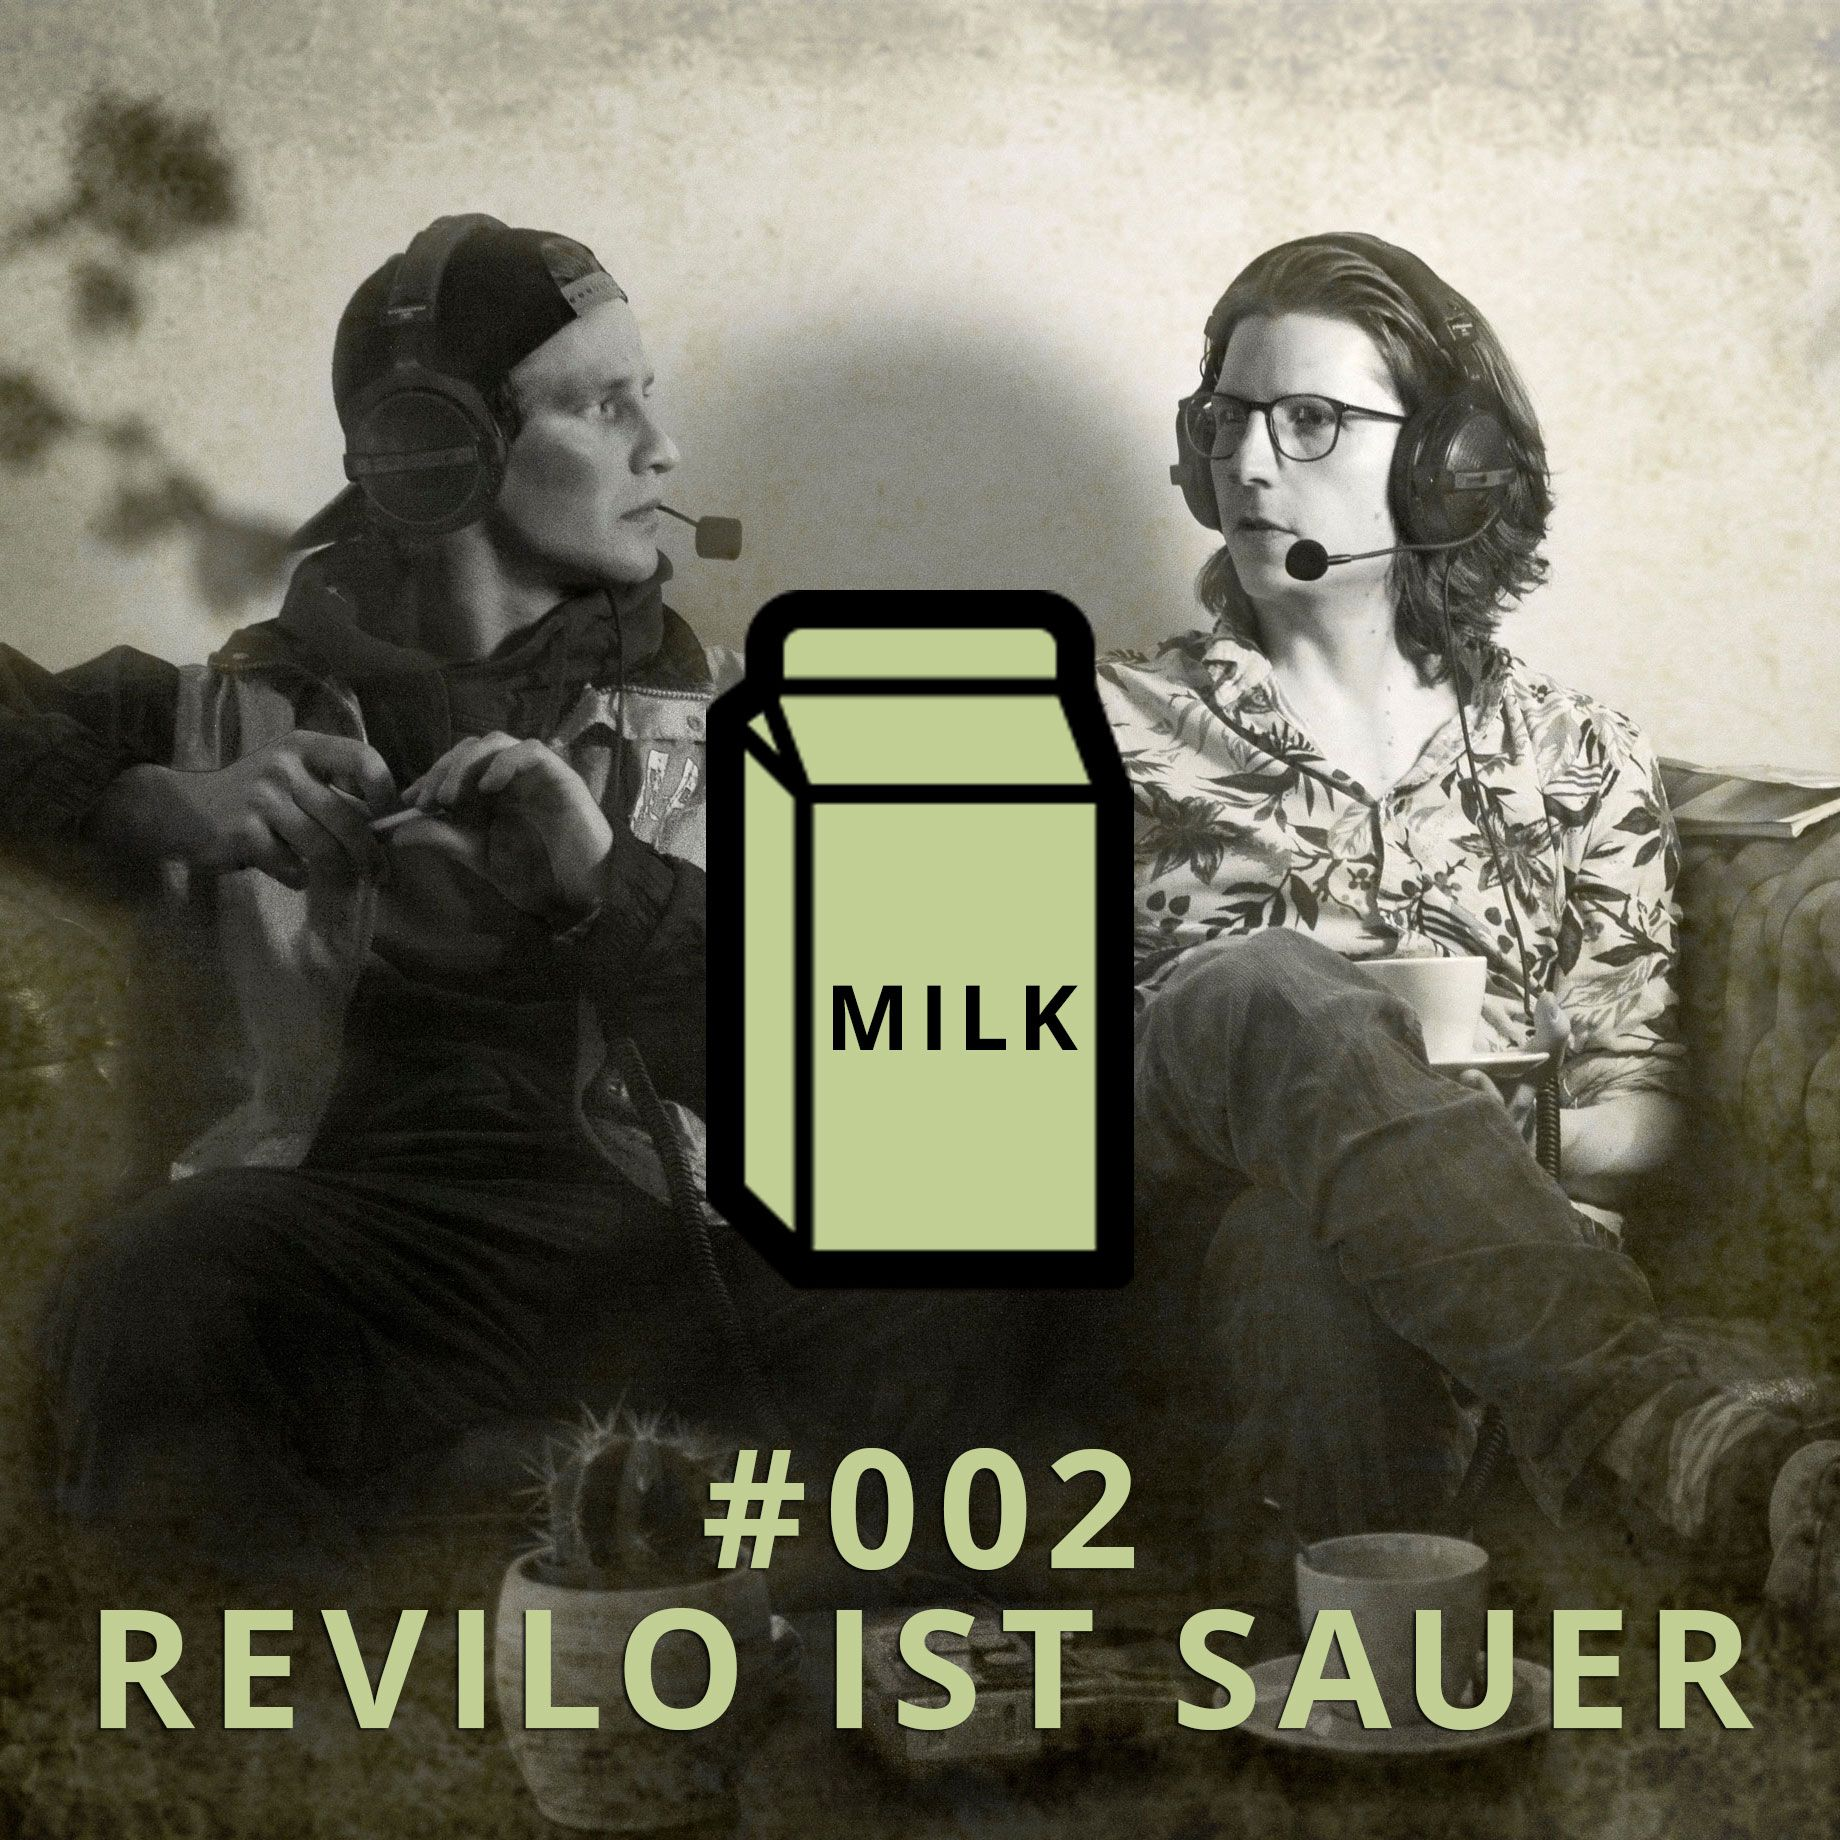 002 - Revilo ist sauer   DICHTE GEDANKEN POTCAST